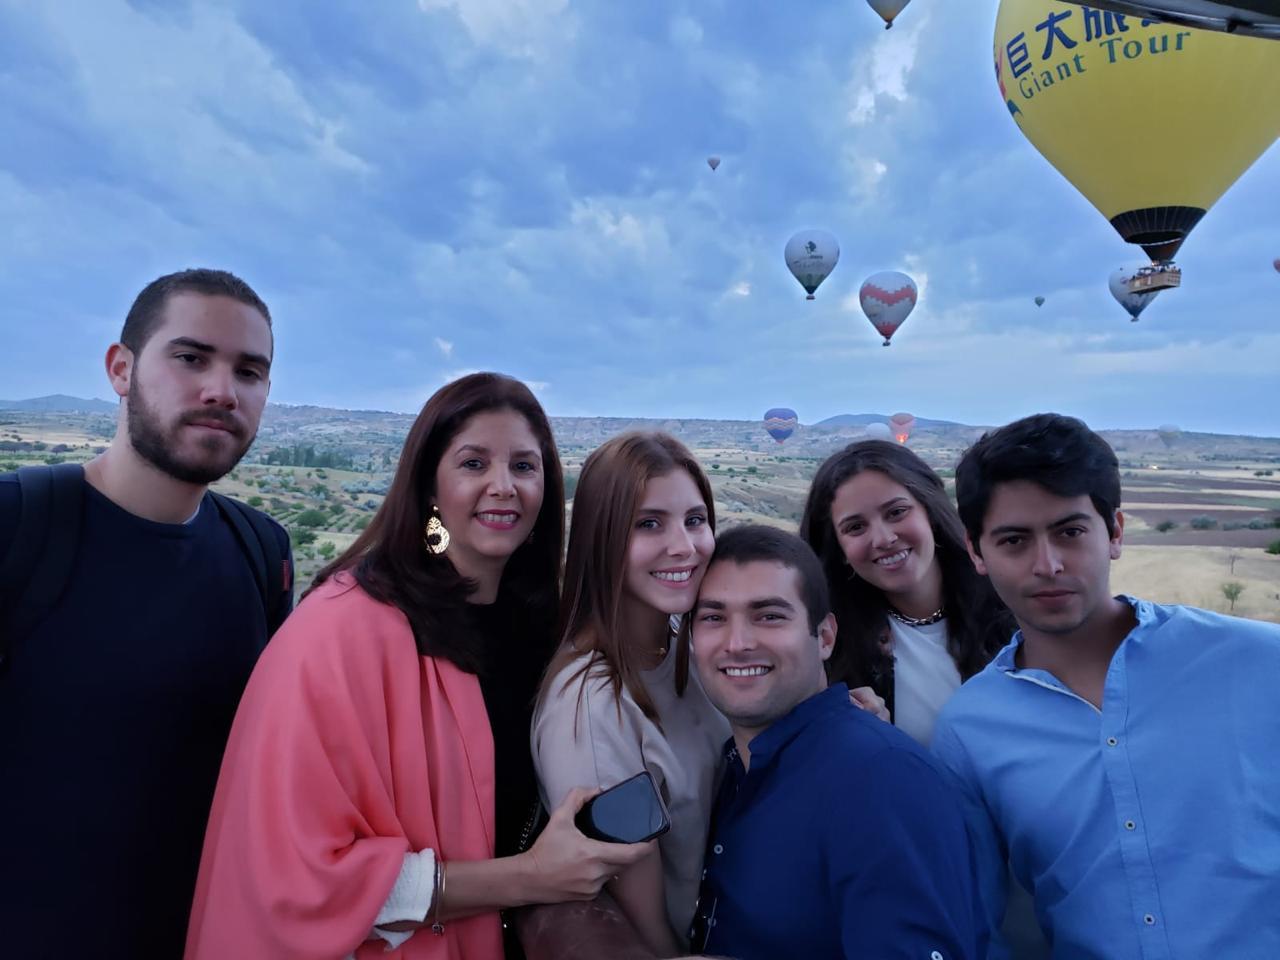 Malka con sus hijos Luis Carlos, Tania y su esposo Santiago Perea; Valentina y Andrés Vergara, durante un paseo en globo en Capadocia, Turquía, el año pasado.